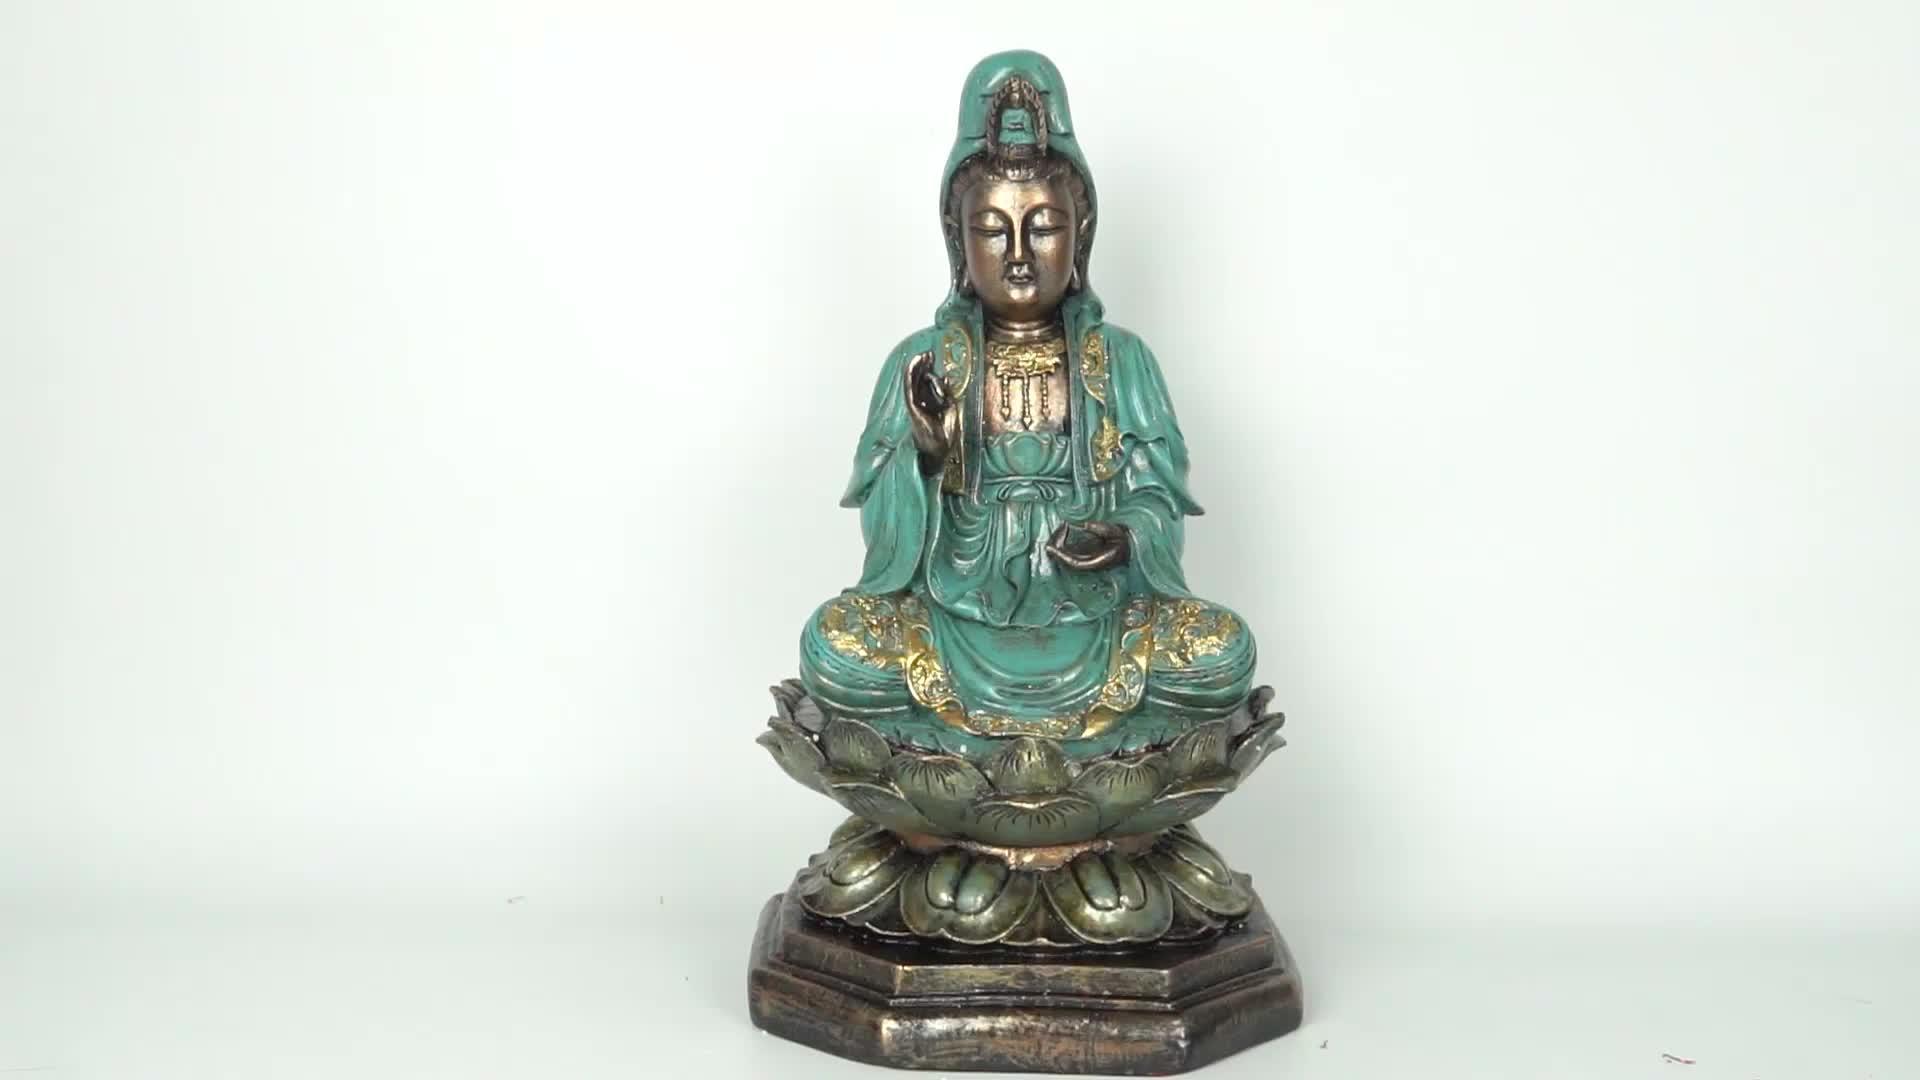 Pintura de cor verde decoração Fengshui Sessão Resina Kwan Yin estátua de Buda no Lotus